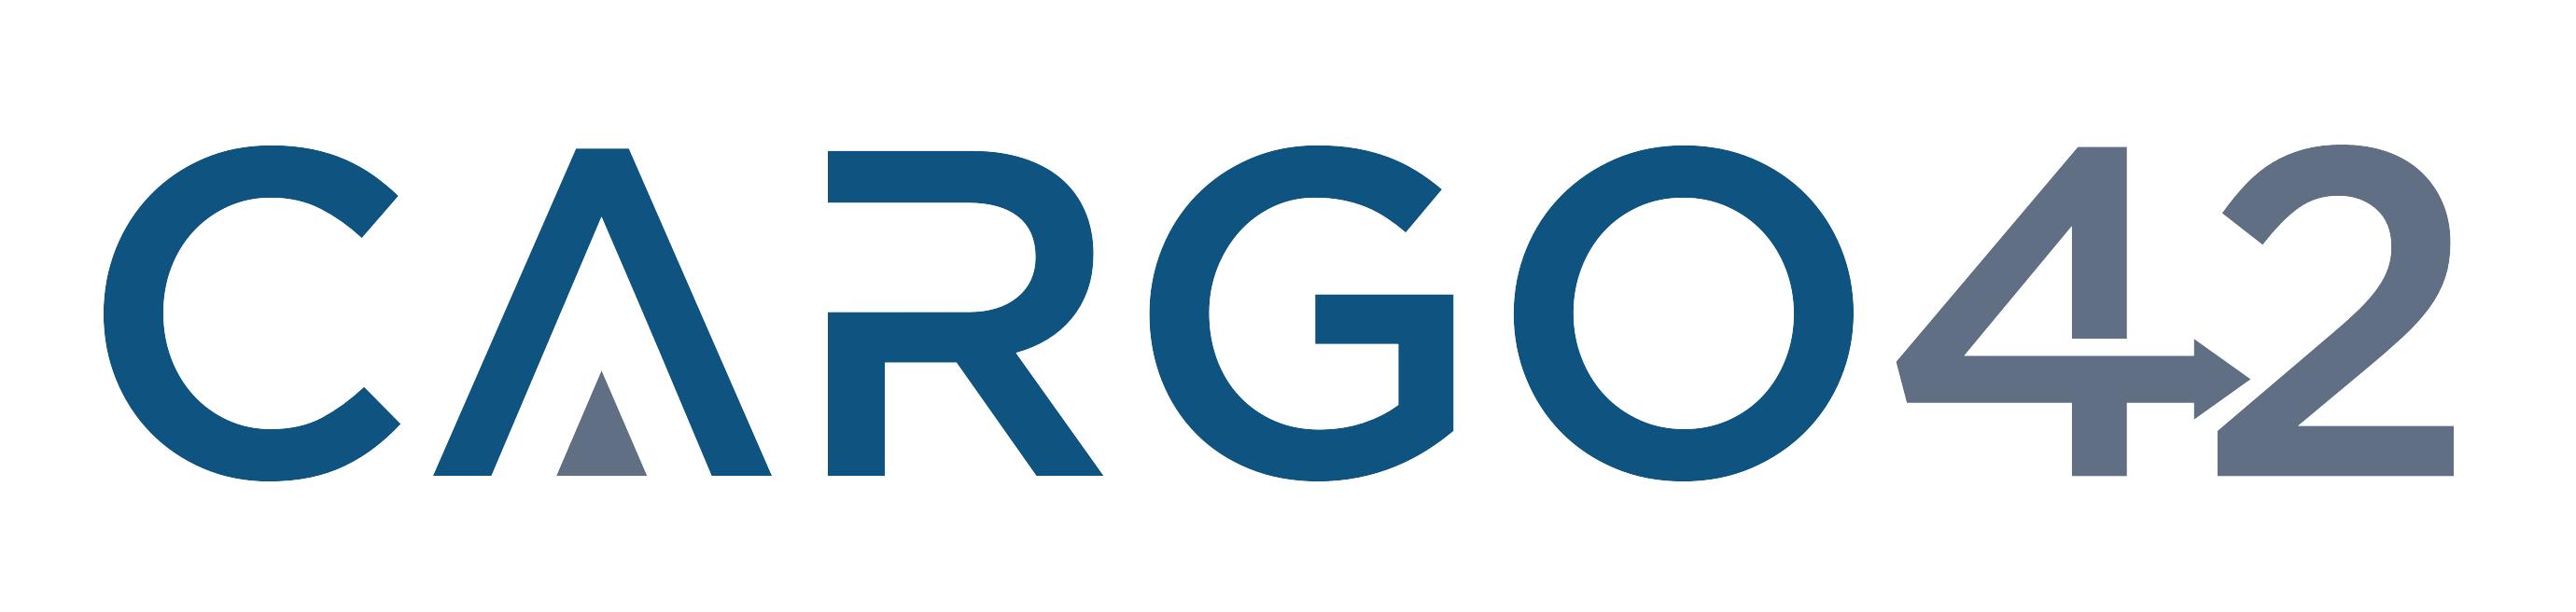 Cargo42 Logo